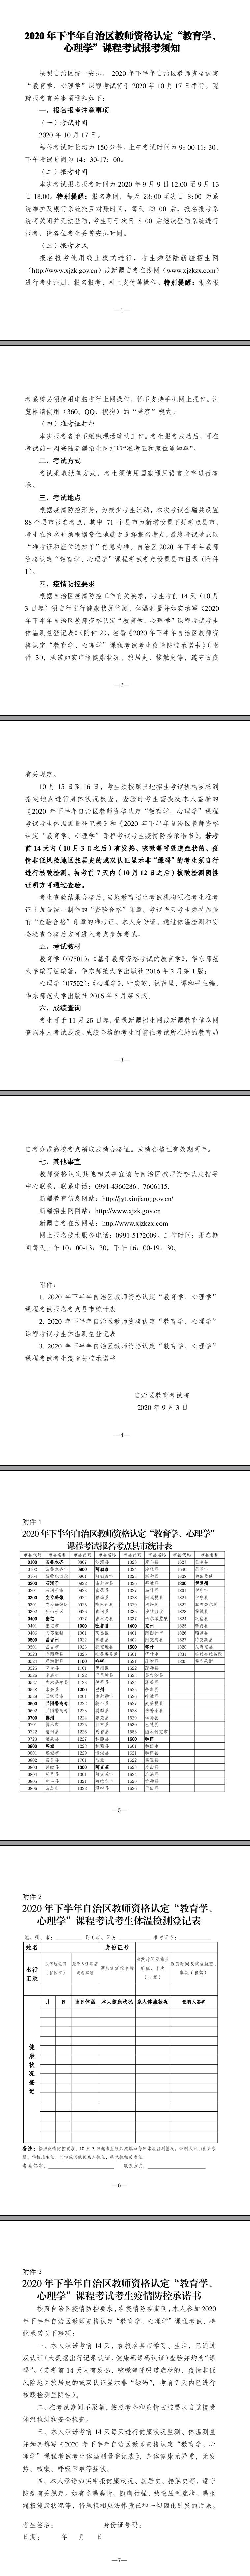 2020年下半年新疆教师资格证考试报名通知